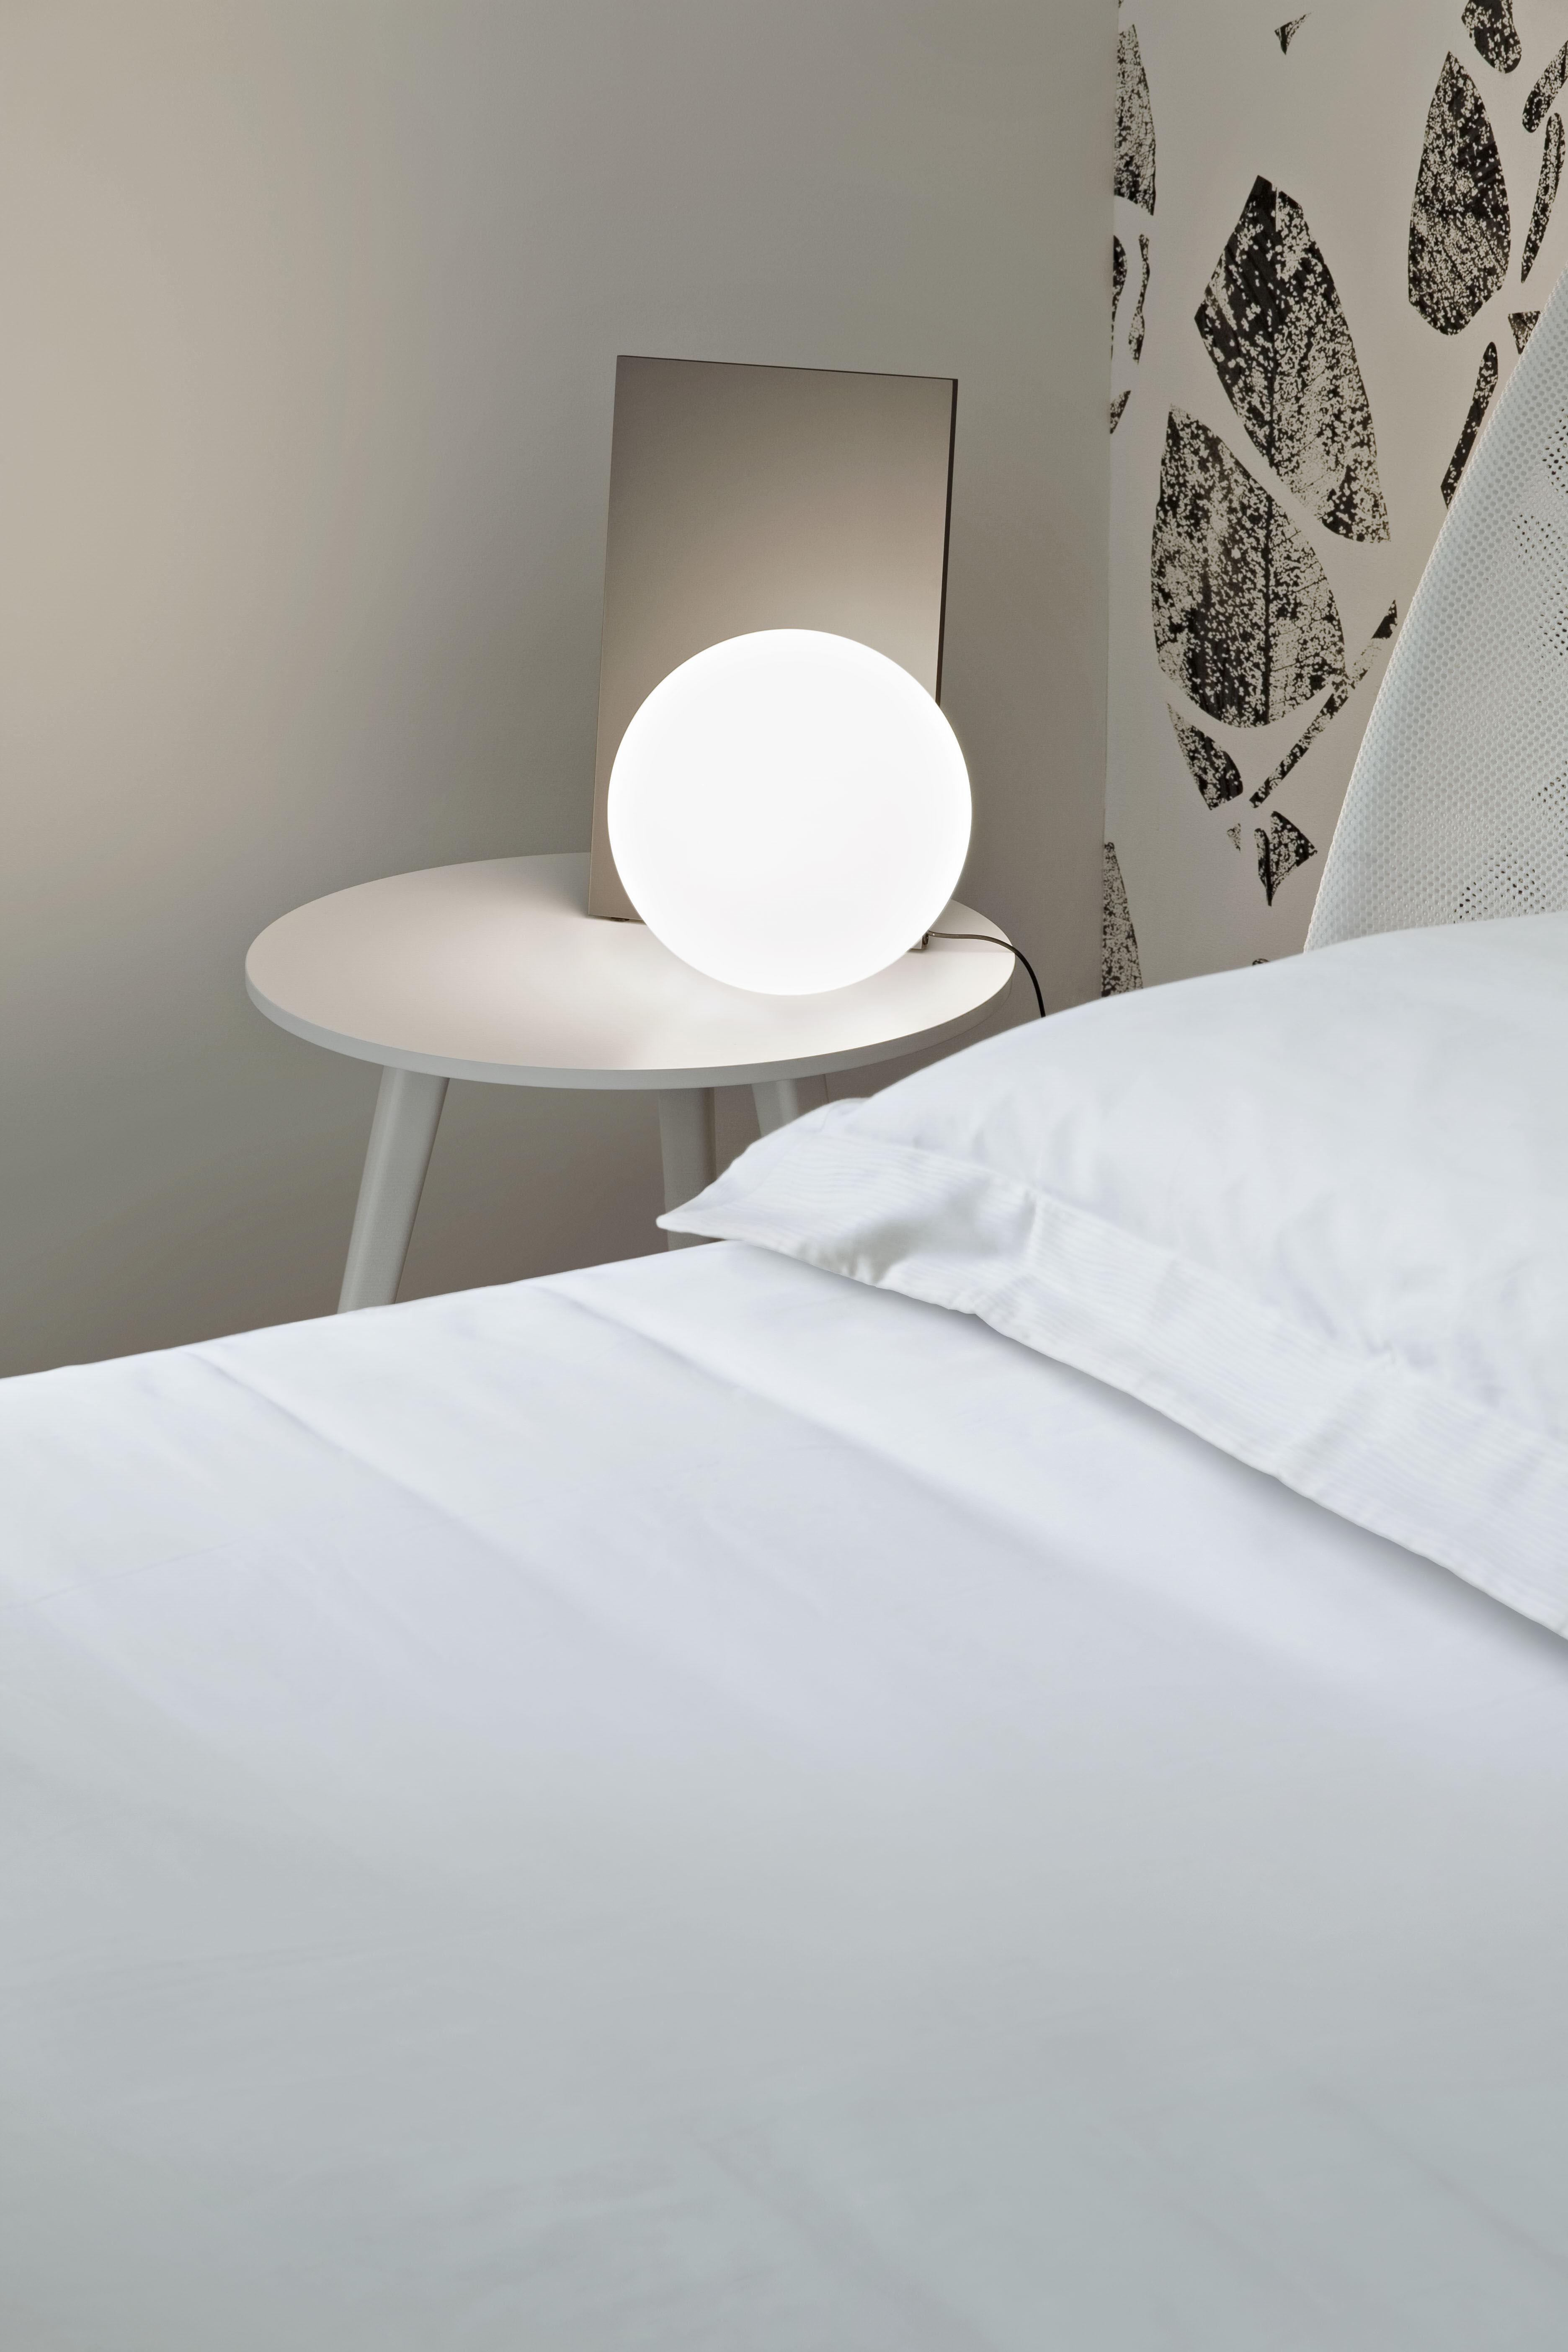 extra t tischleuchte led mundgeblasenes glas metall h 35 cm bronzefarben kugel wei by. Black Bedroom Furniture Sets. Home Design Ideas